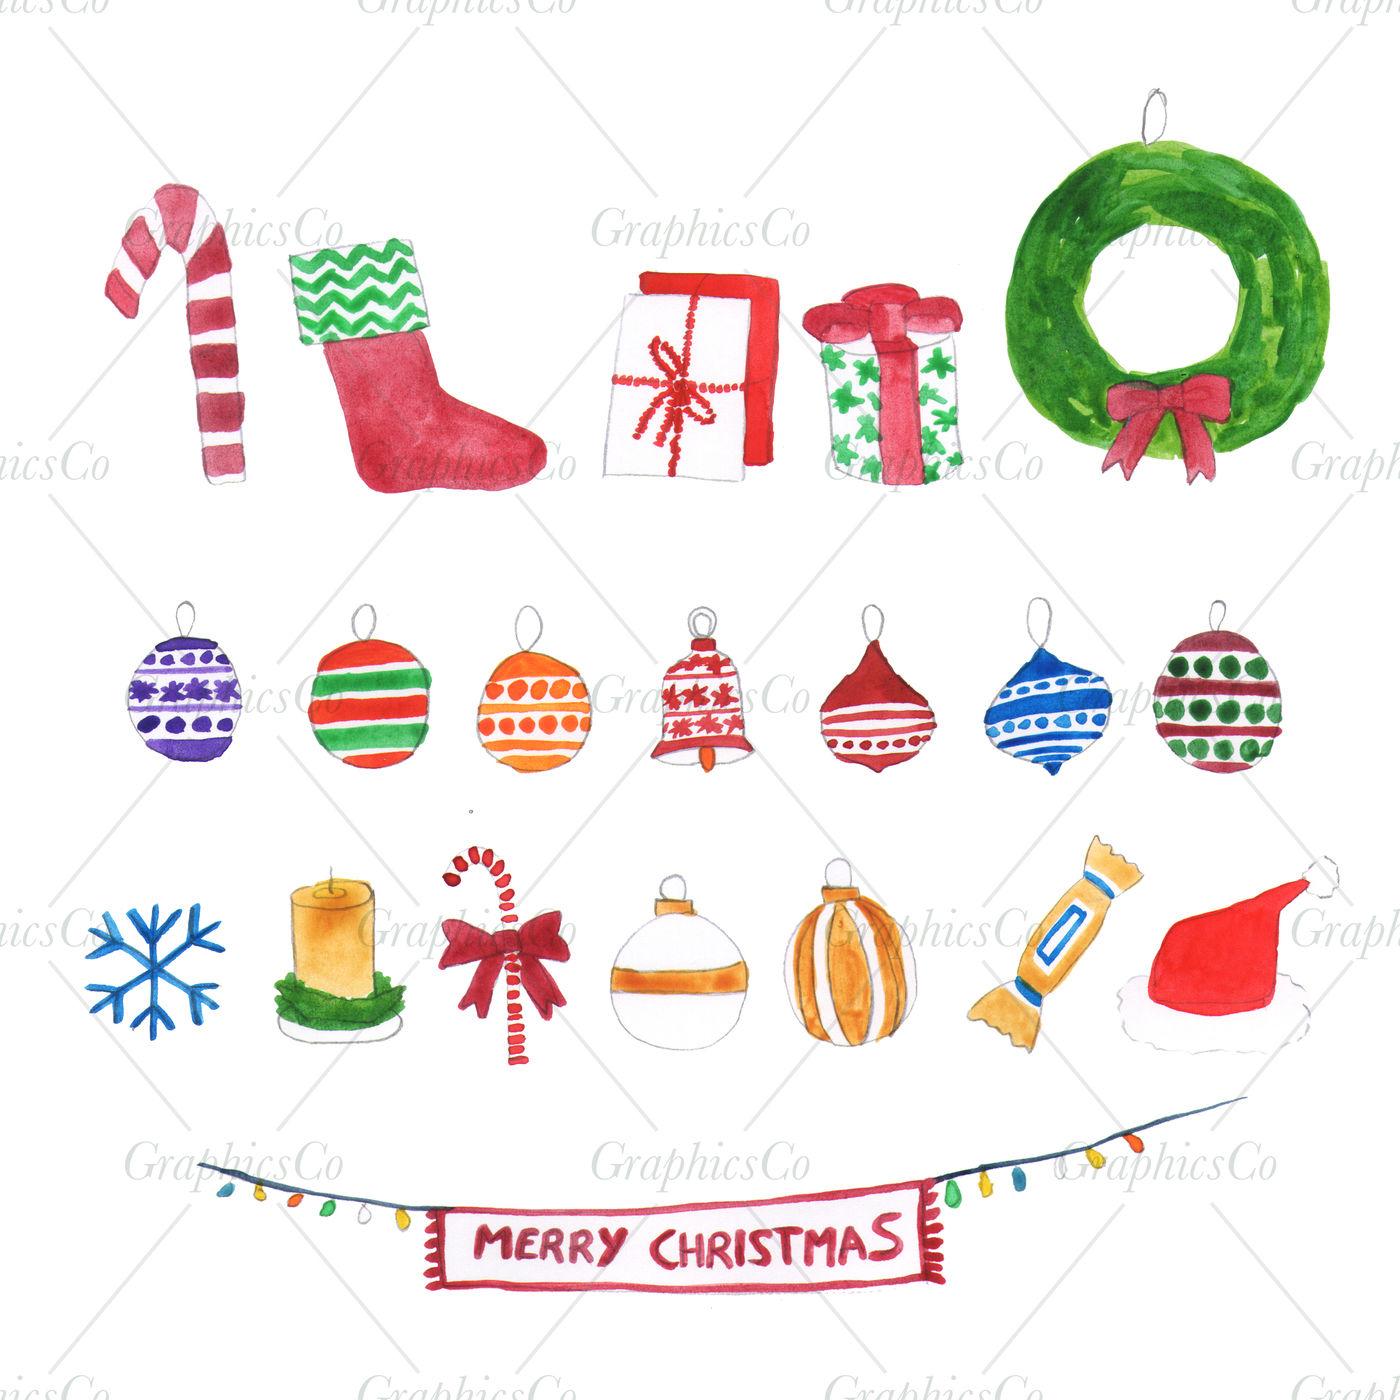 Christmas Clipart Christmas Png Christmas Card Jpg By Graphicsco